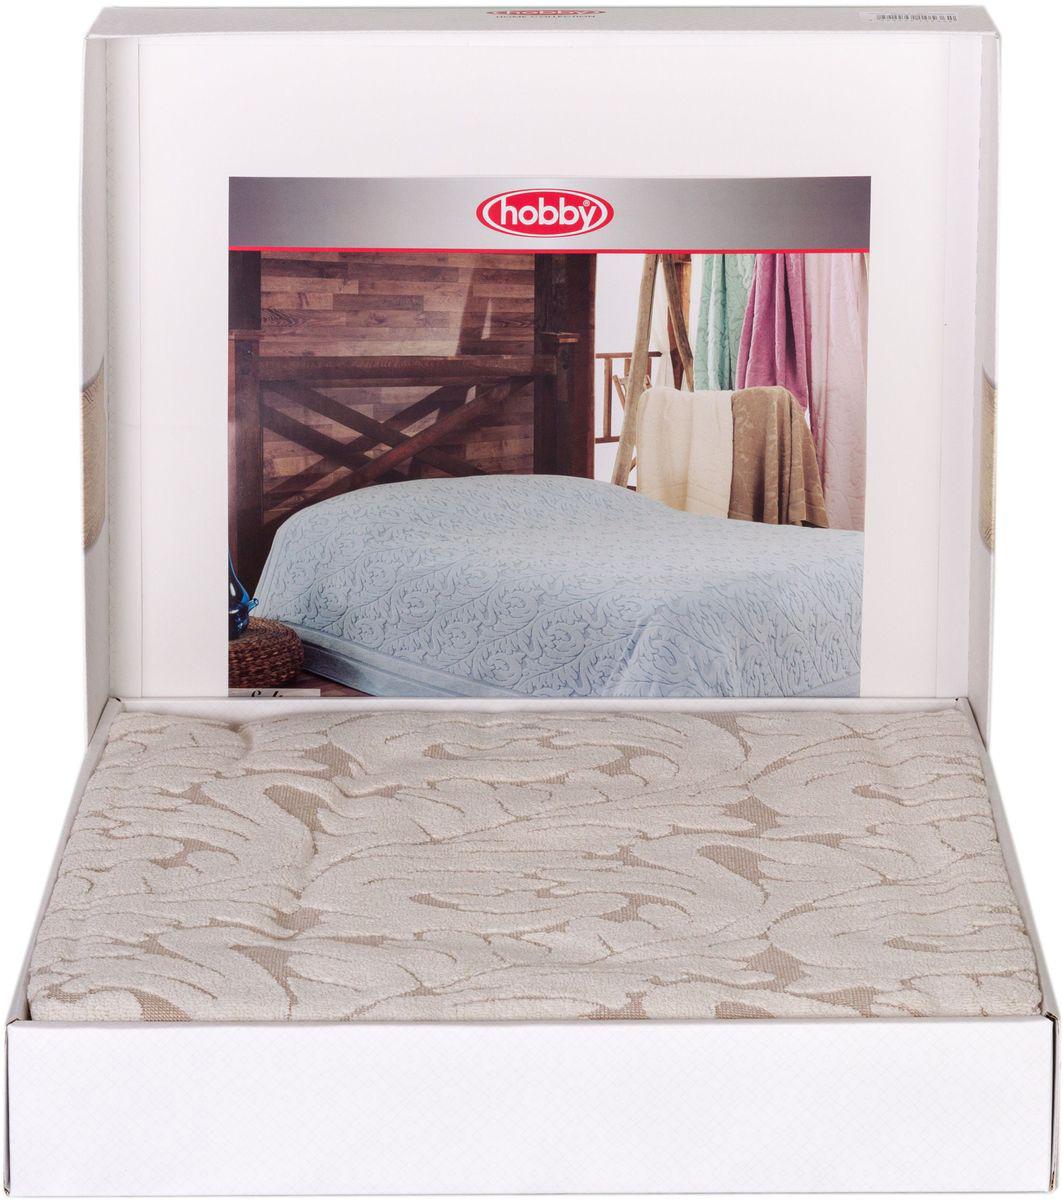 Покрывало Hobby Home Collection Sultan, цвет: кремовый, 200 х 220 см1501001008Шикарное покрывало Hobby Home Collection Sultan изготовлено из 100% хлопка высшей категории. Оно обладает замечательными дышащими свойствами и будет хорошо смотреться как на диване, так и на большой кровати. Данное покрывало можно также использовать в качестве одеяла.